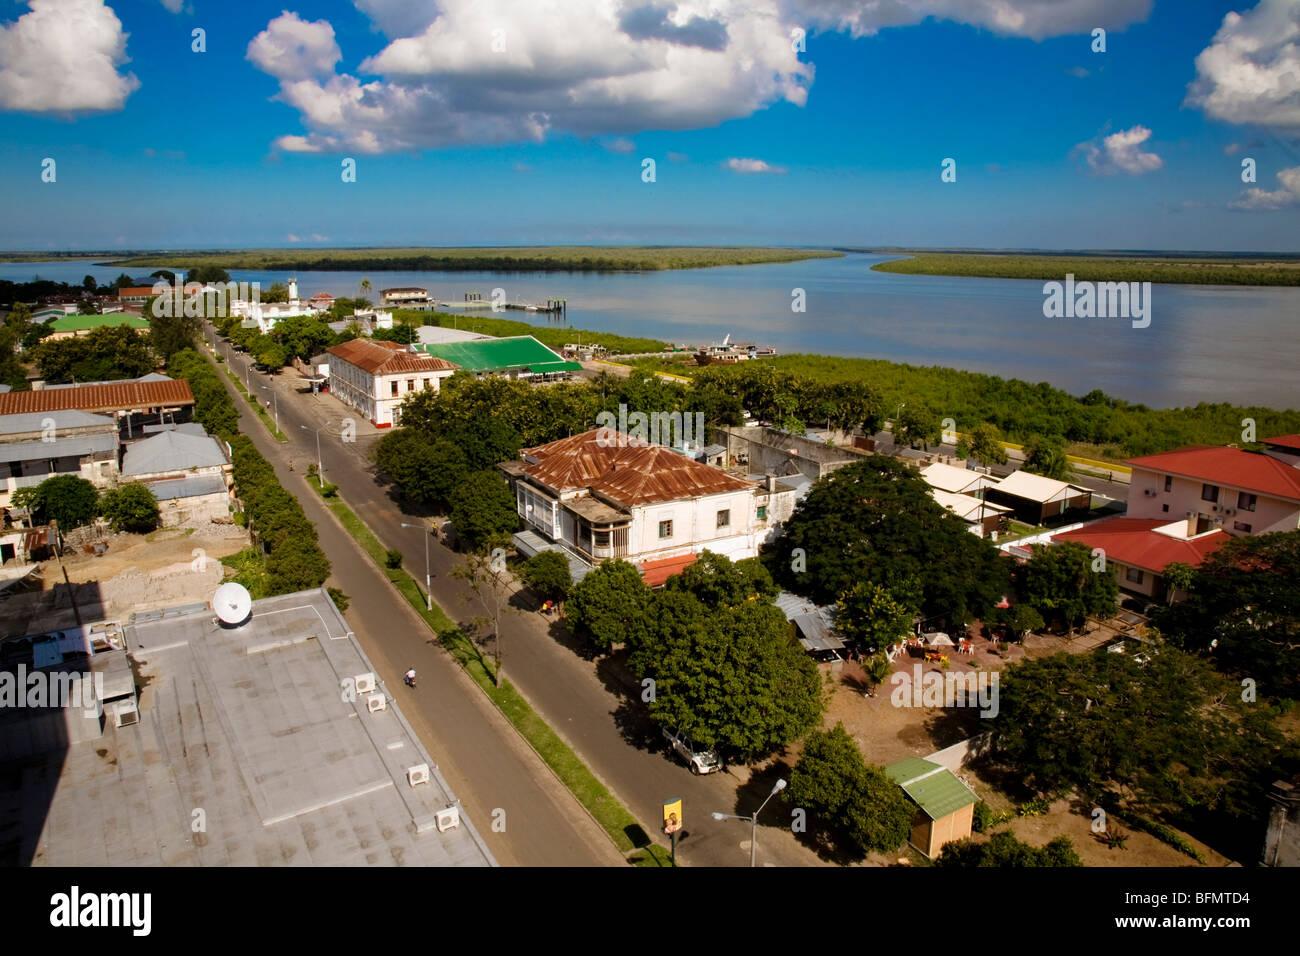 Mozambique, Quelimane. Una vista de Quelimane desde la parte superior del hotel en la Avenida Chuabo Samora Machel. Imagen De Stock